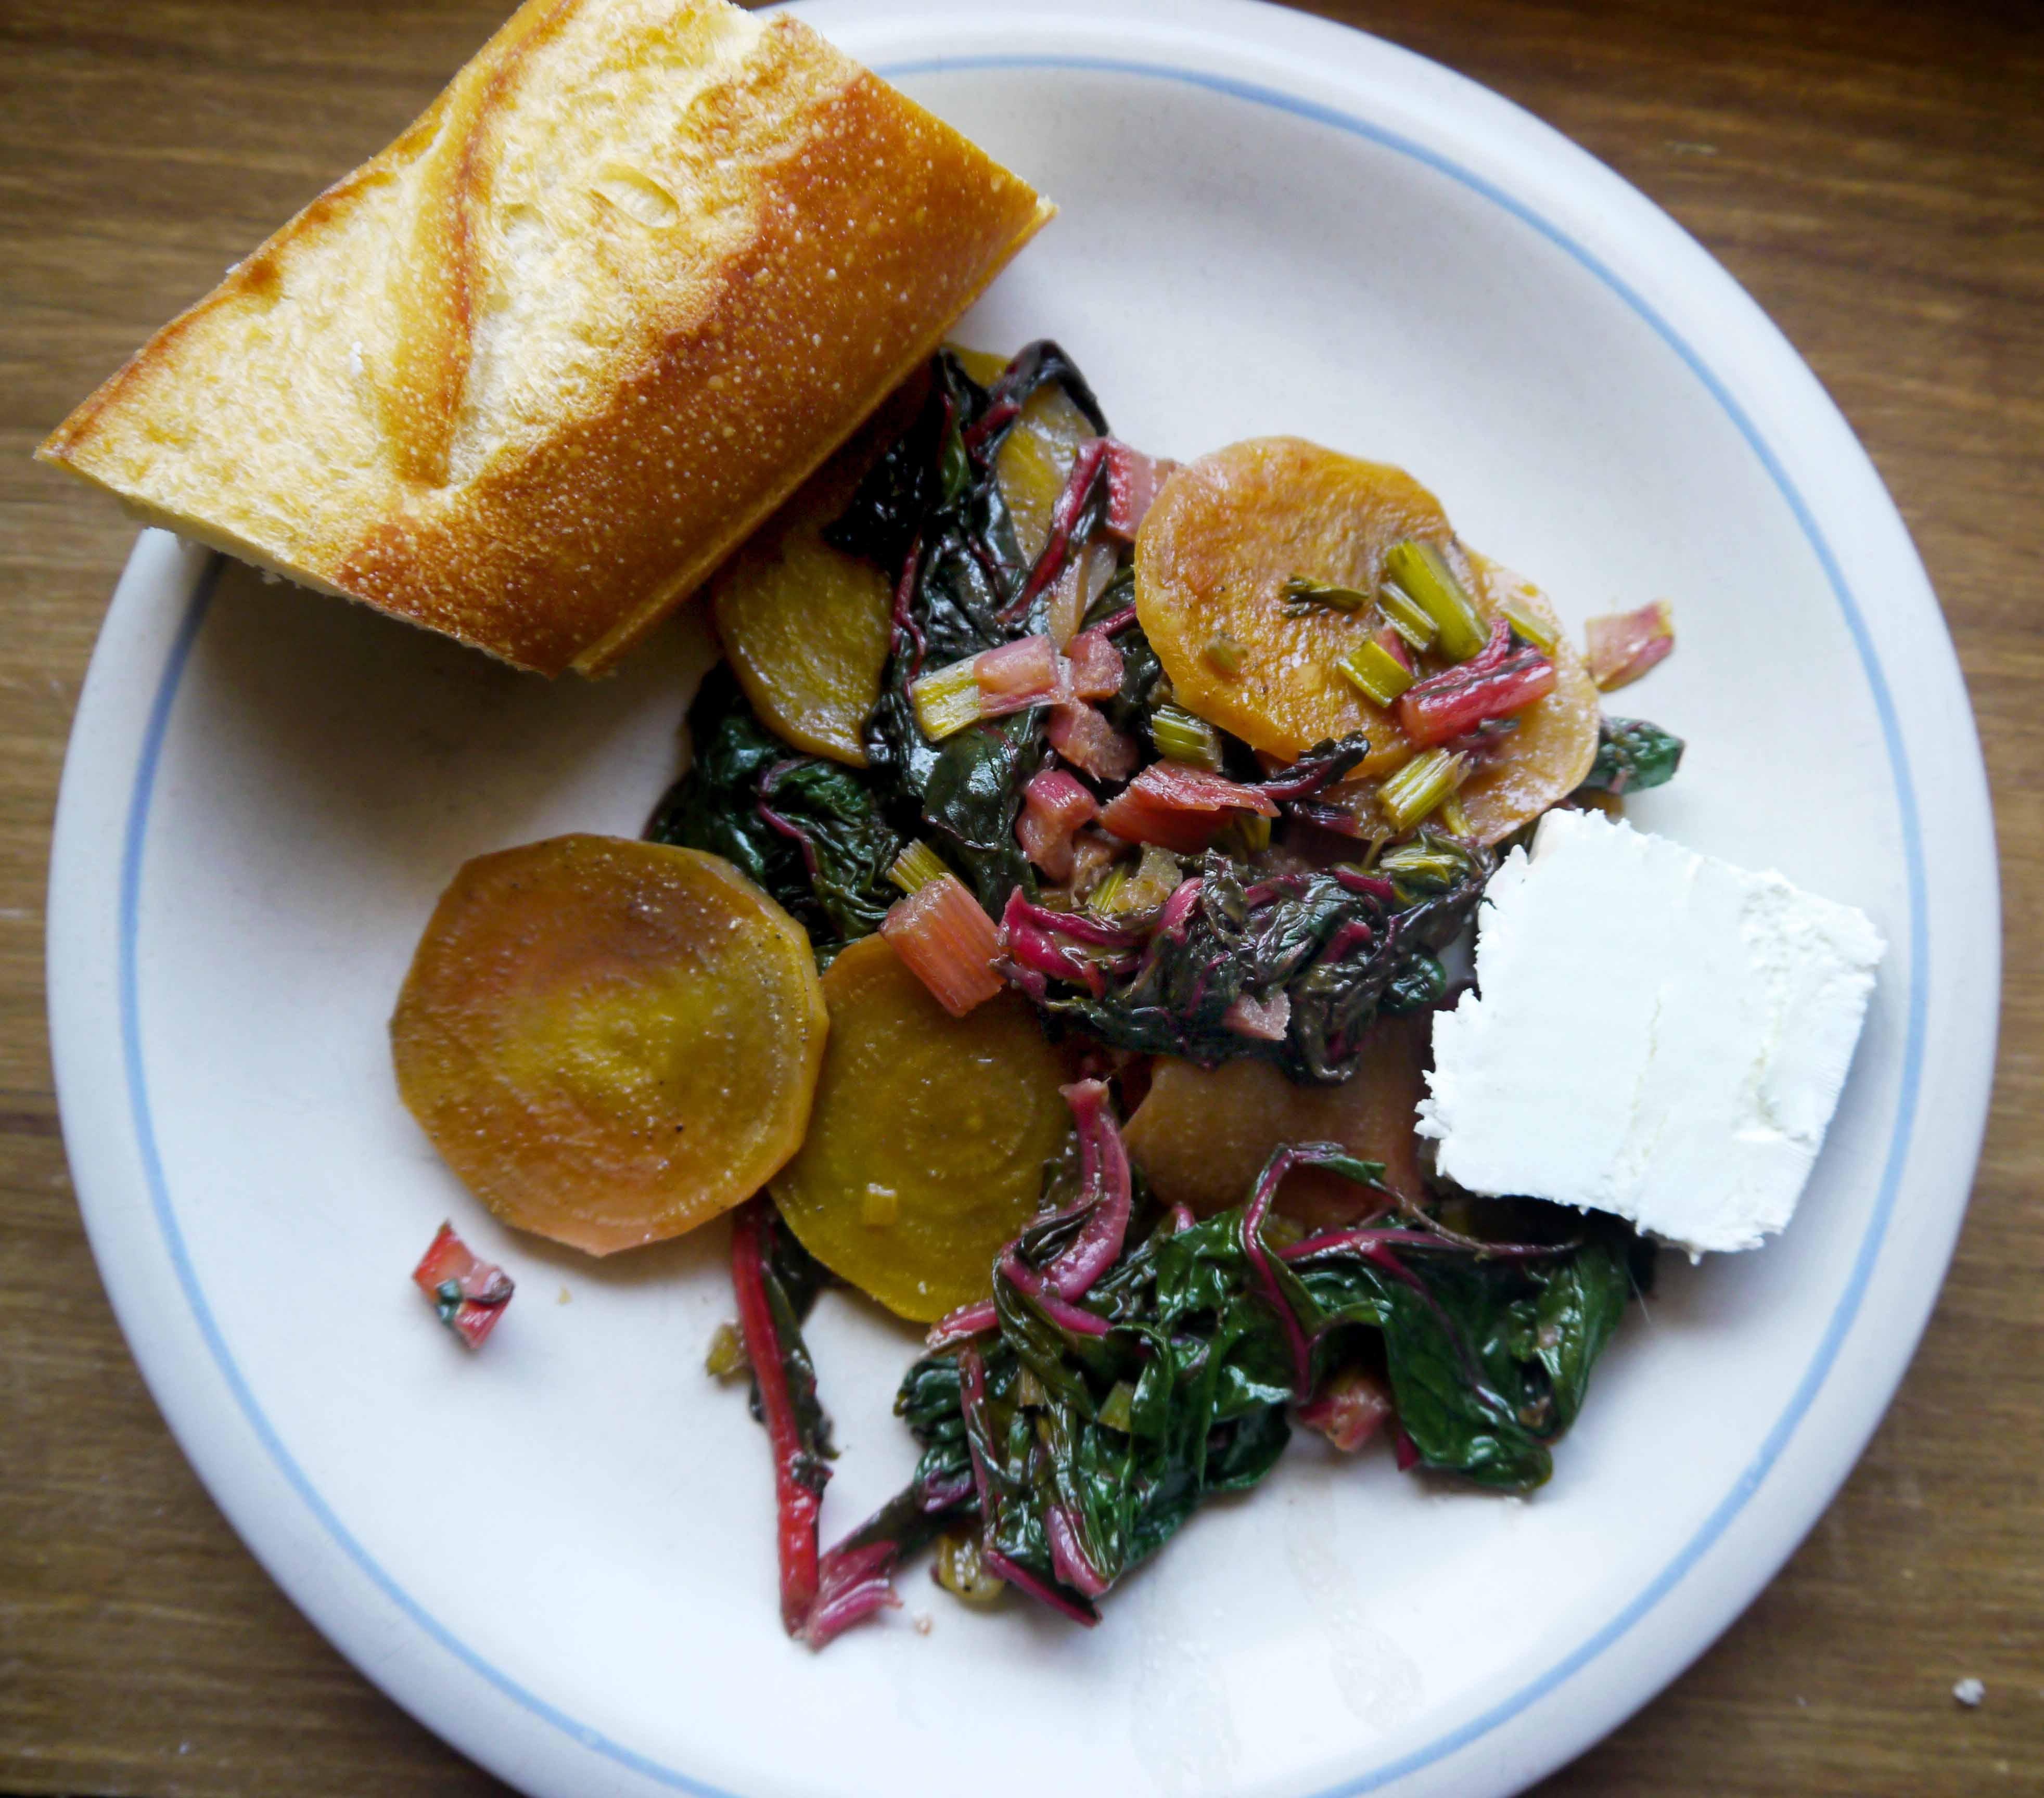 Beet salad on a plate